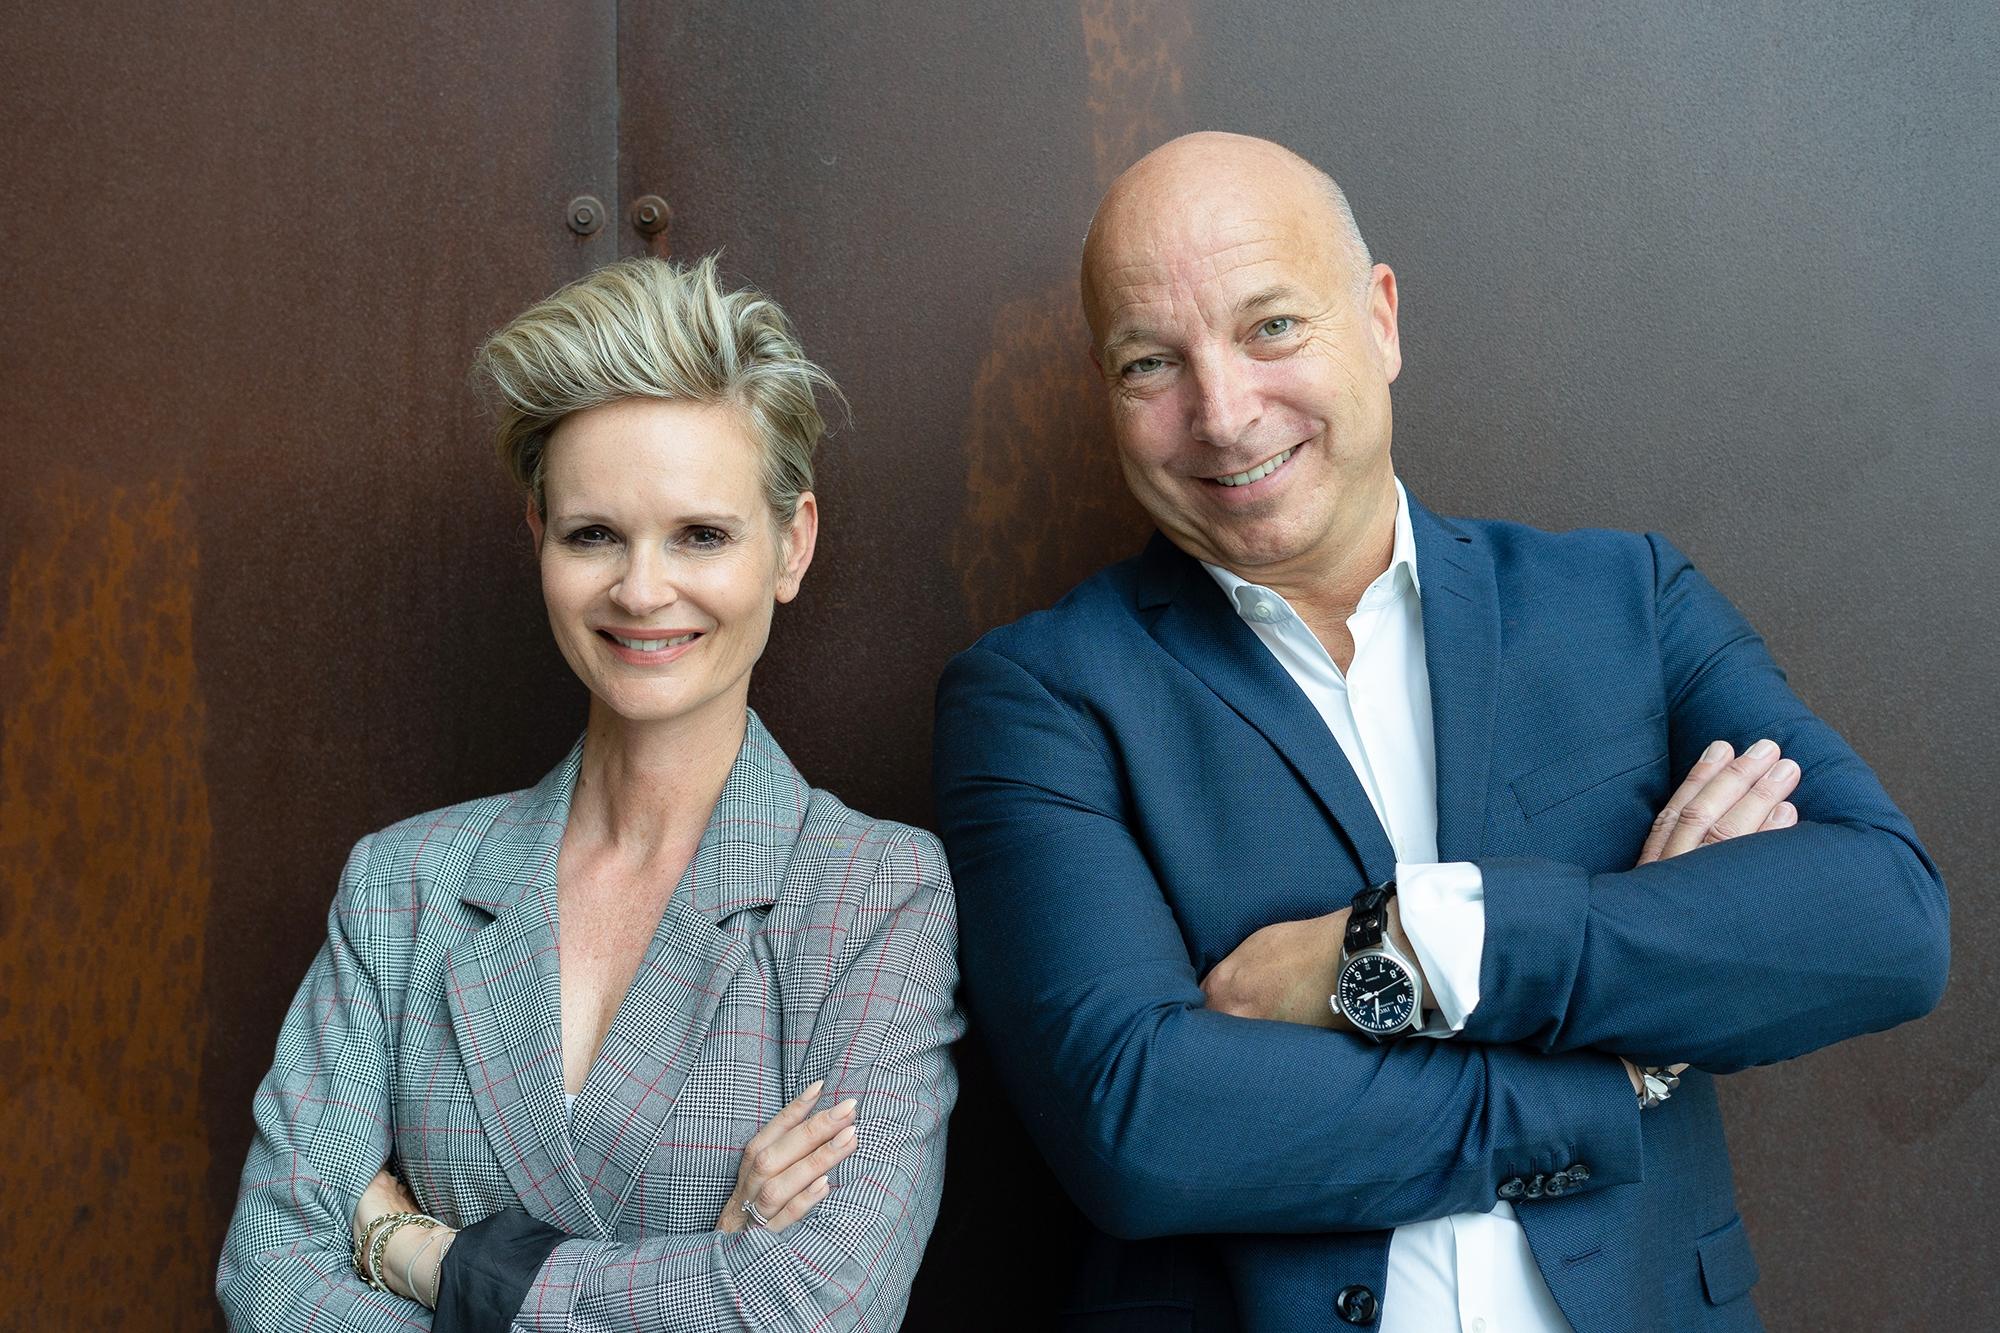 Fotoshooting mit Nicole Gaiziunas Jahns und Christopher Jahns bei WeWork in Berlin.